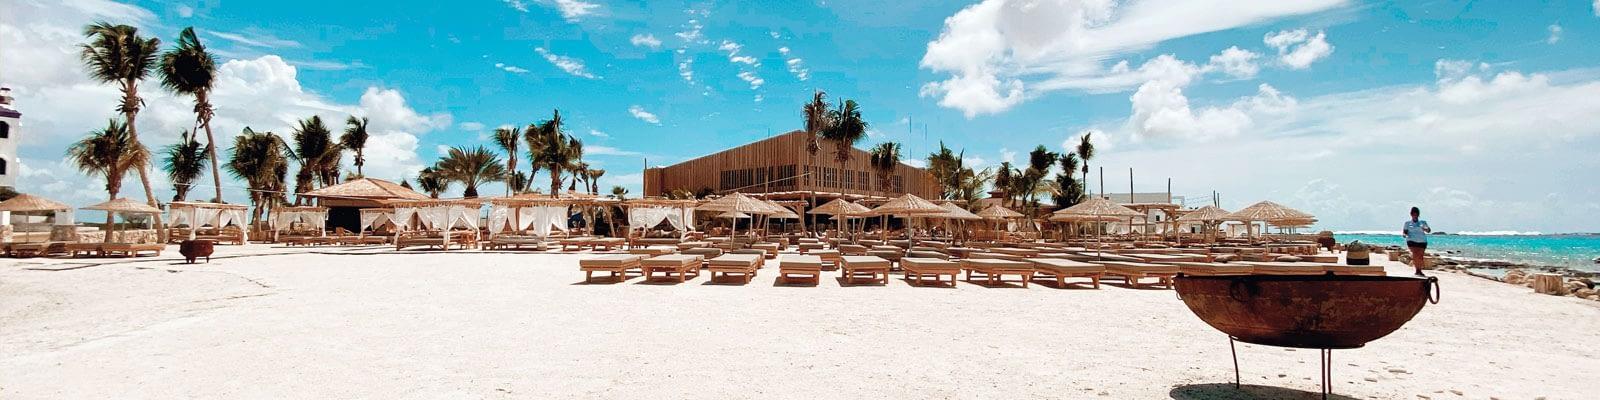 ocean-oasis-restaurant-bonaire-slider-3